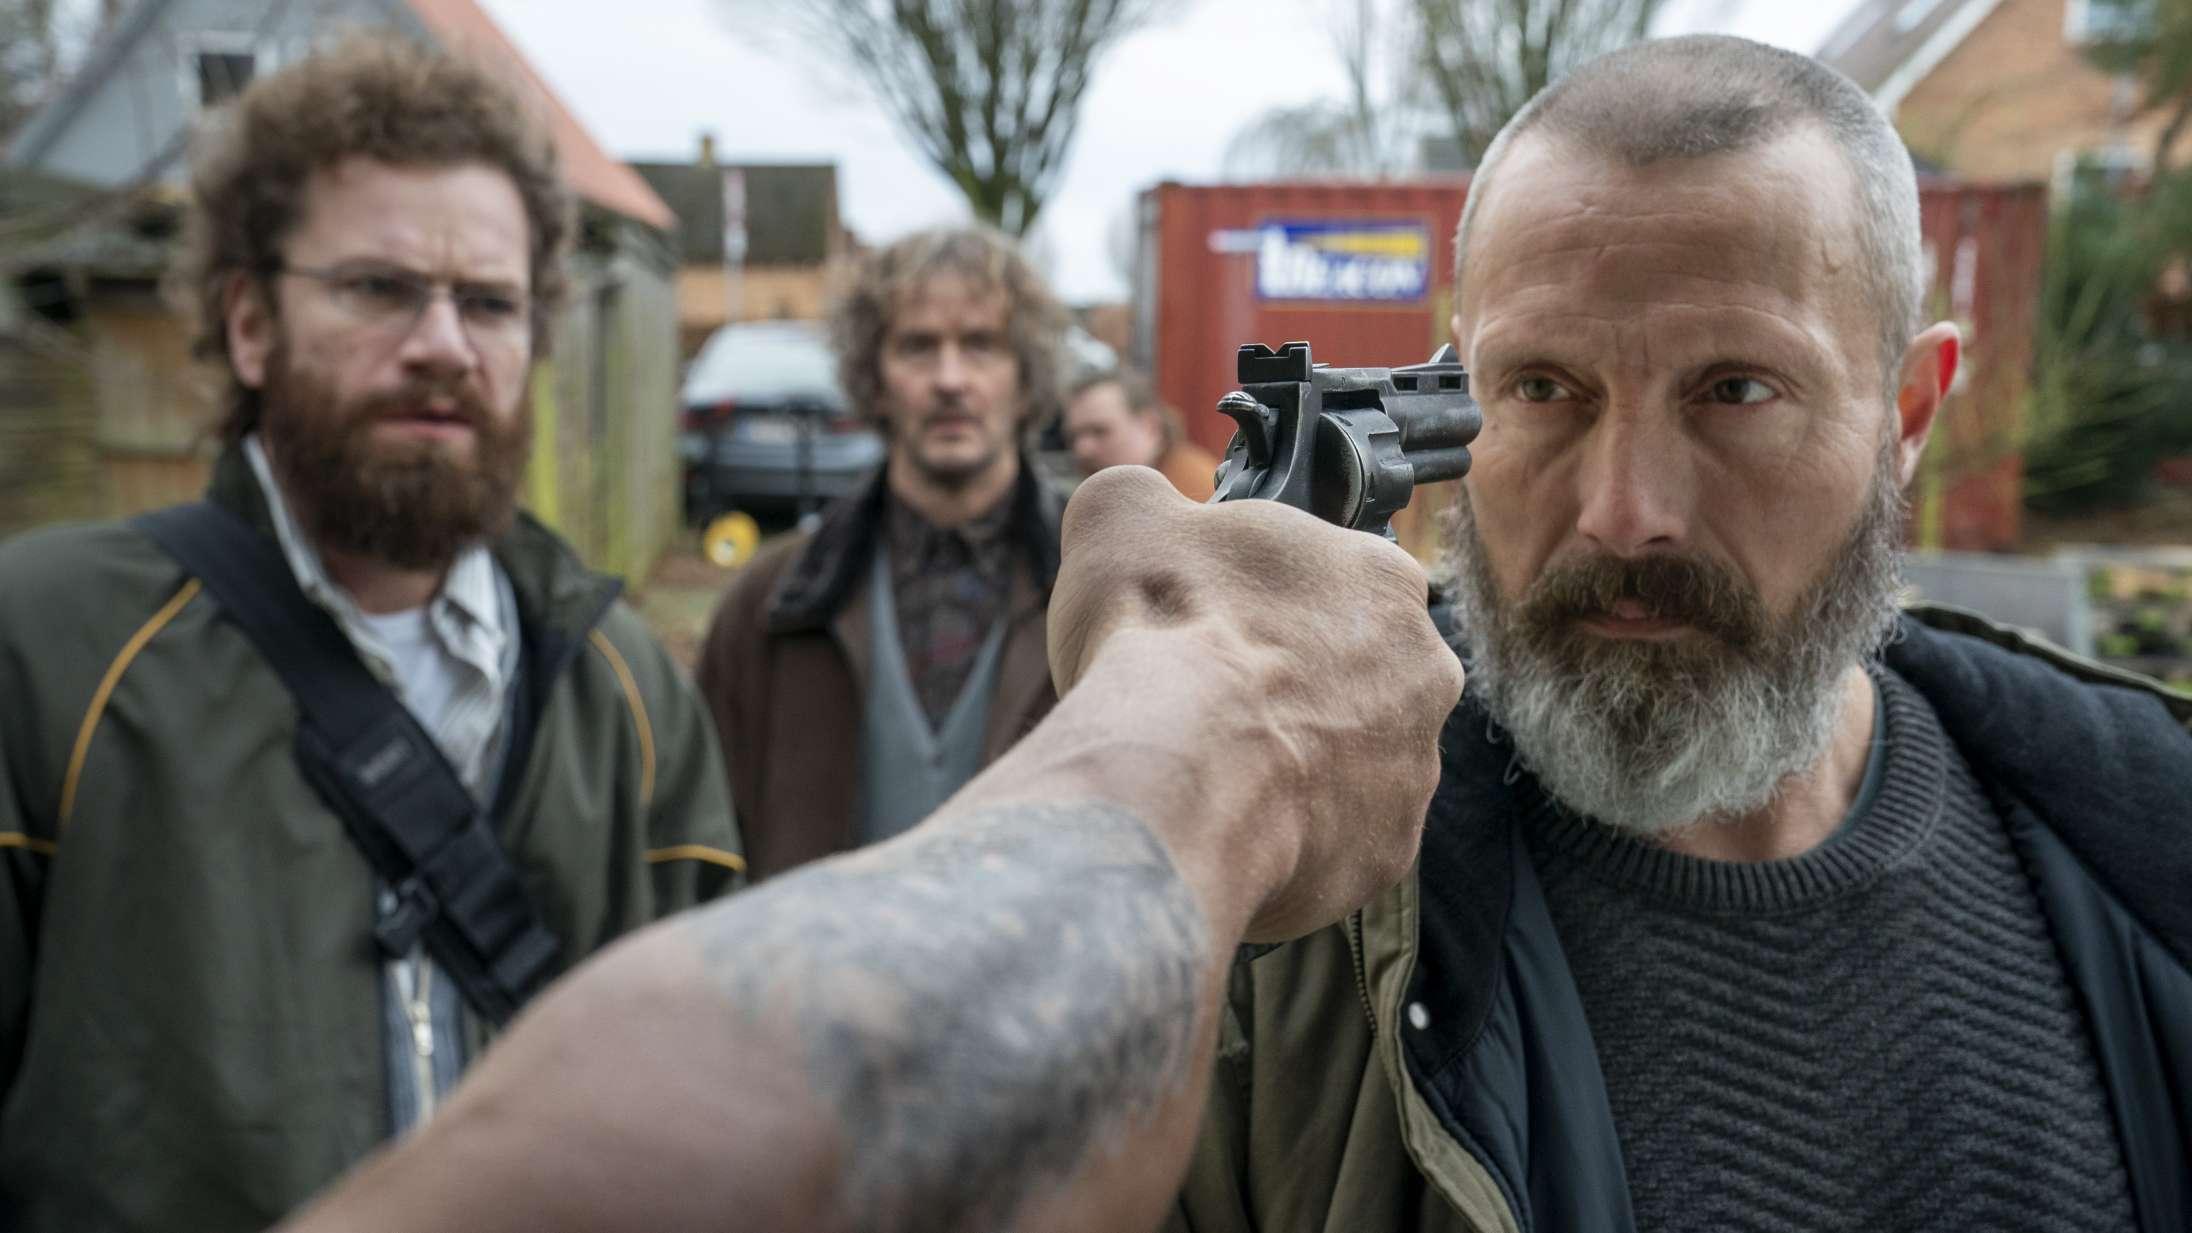 'Retfærdighedens ryttere': Anders Thomas Jensens overrumplende nye film er hans bedste siden 'Blinkende lygter'